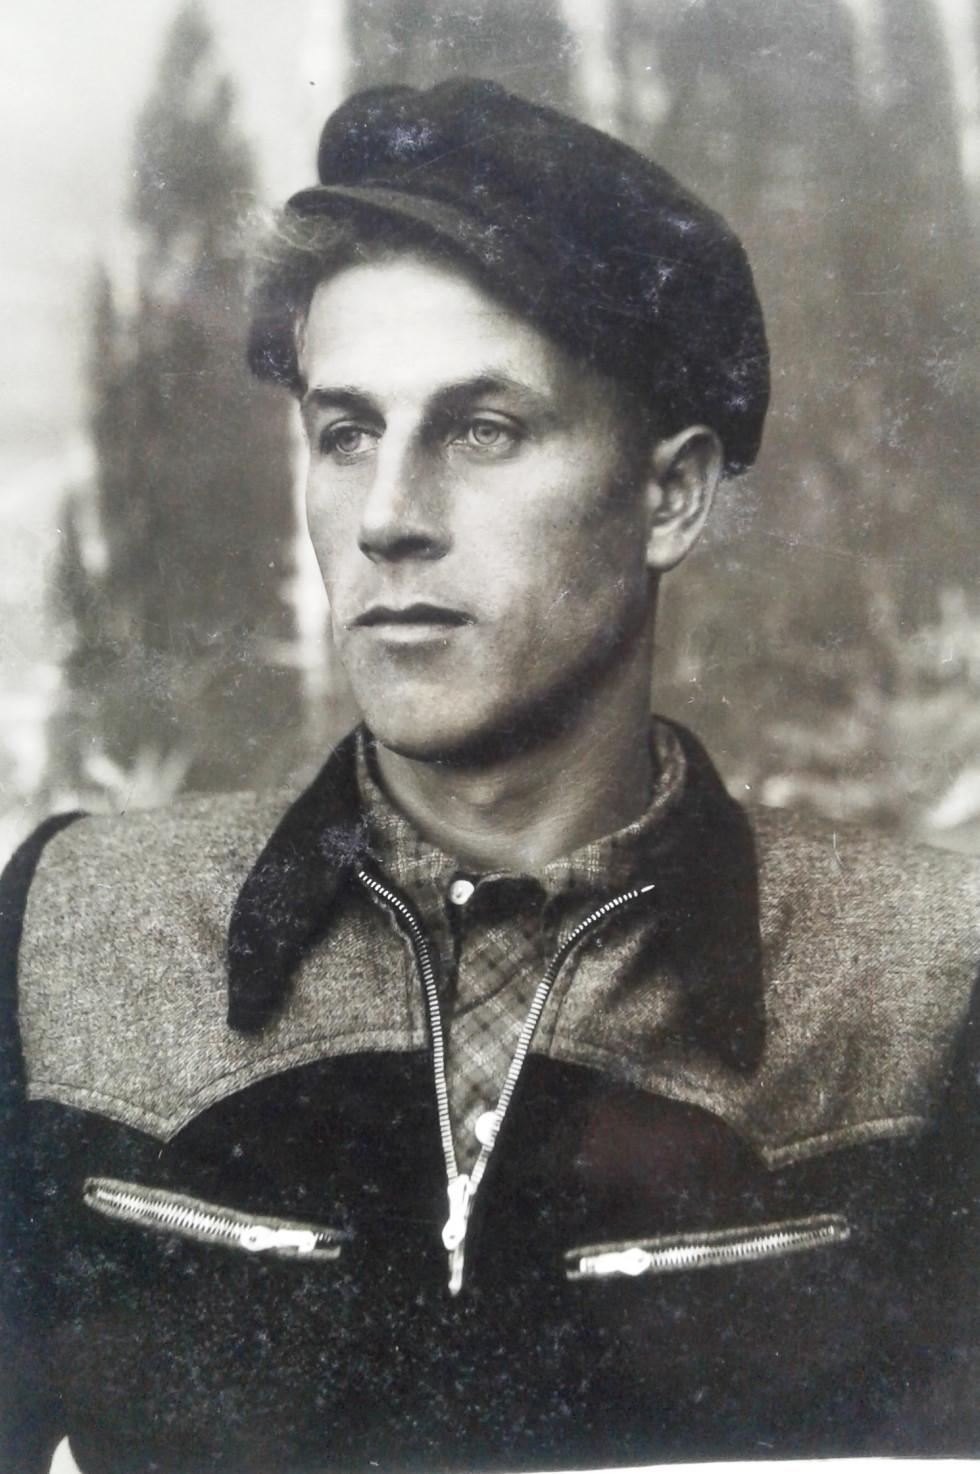 Олександр Бабінчук у засланні